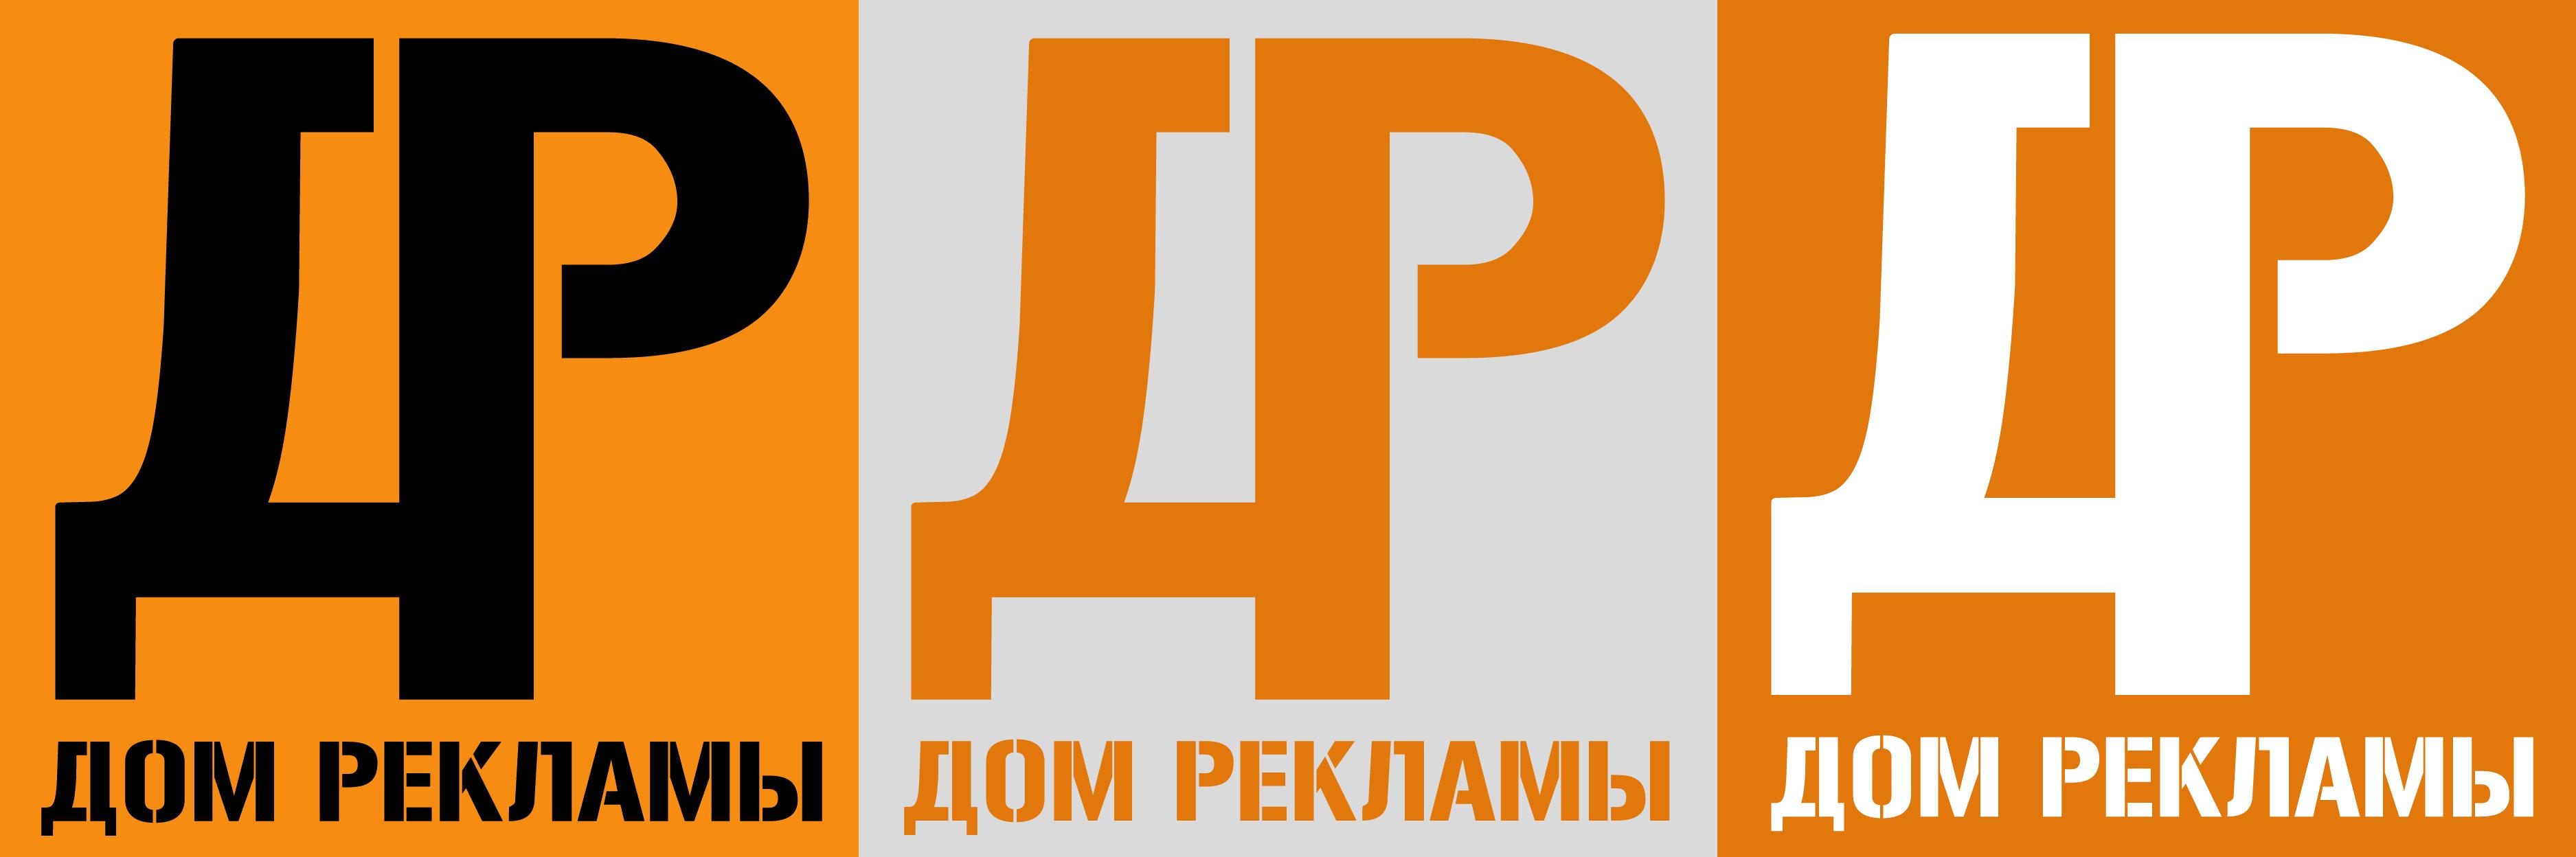 Дизайн логотипа рекламно-производственной компании фото f_1445edd1c5651de1.png